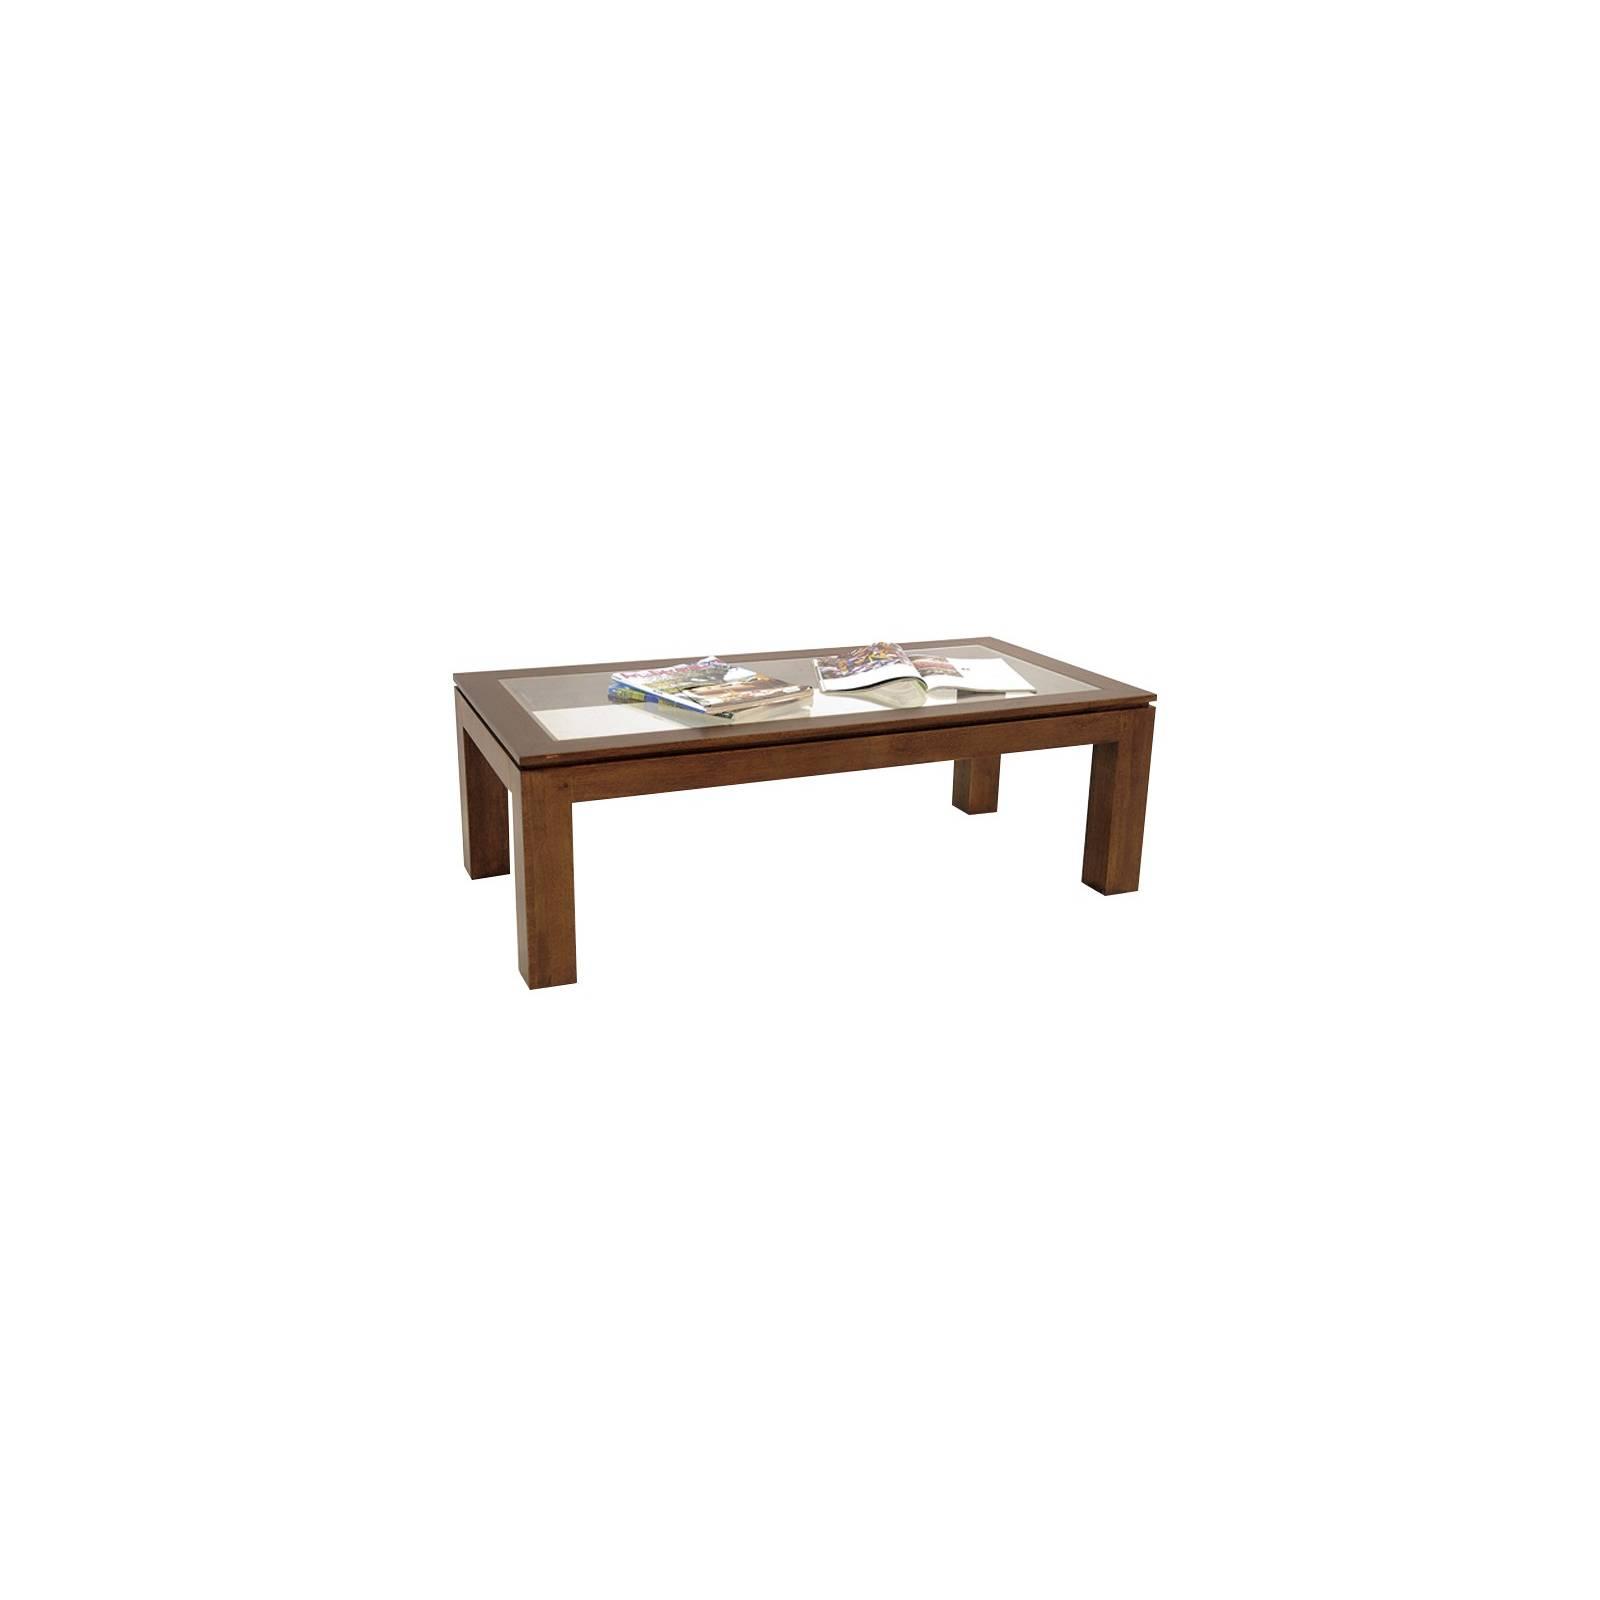 Table basse vitrée rectangulaire | Meuble en bois exotique